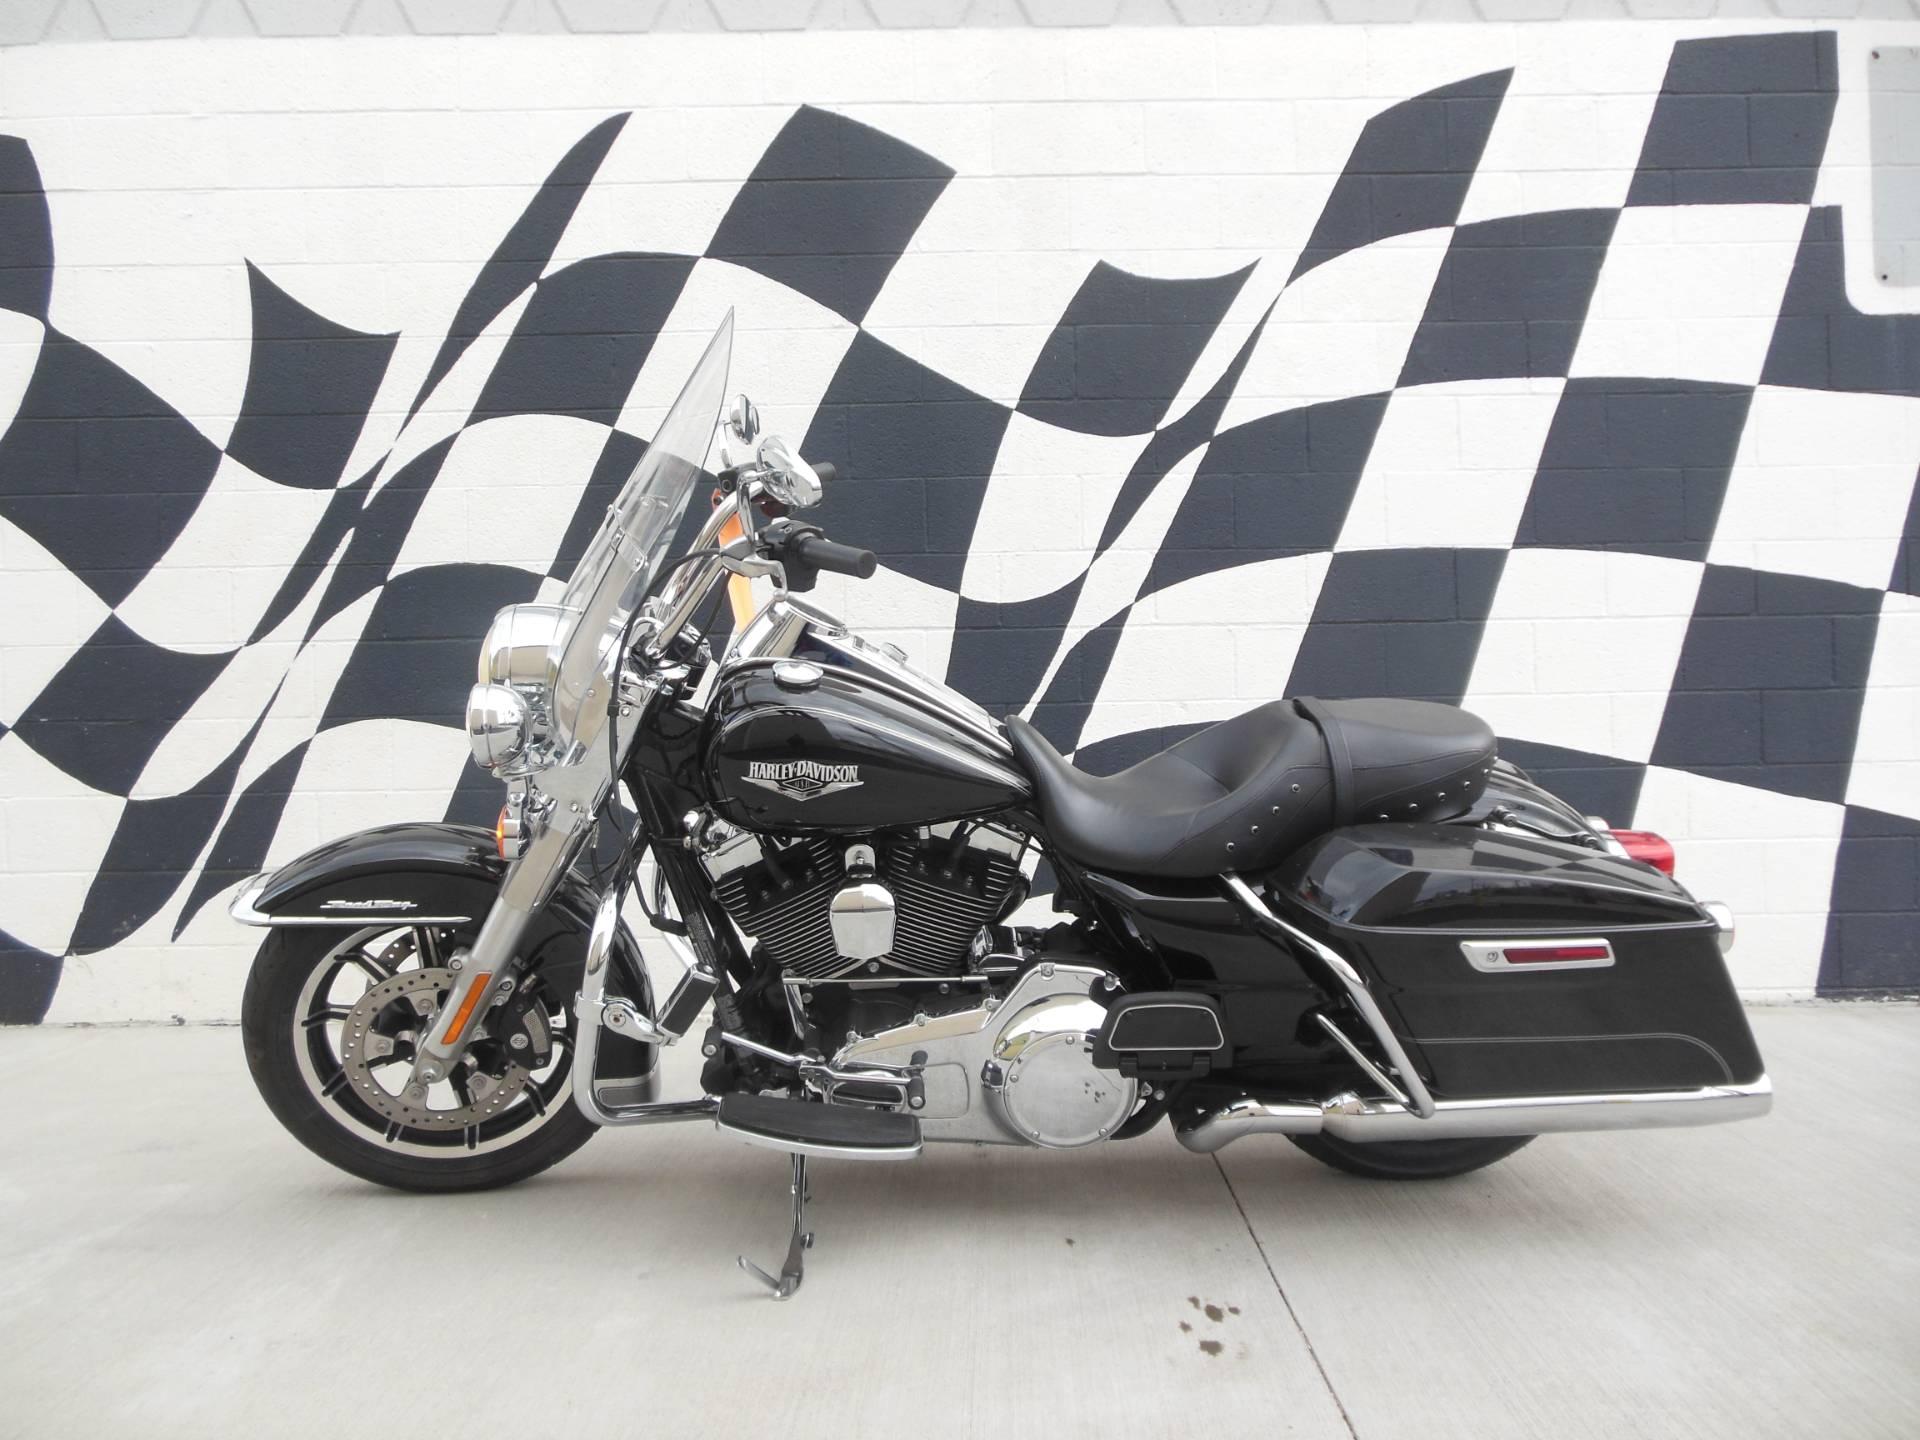 2016 Harley-Davidson Road King for sale 35992